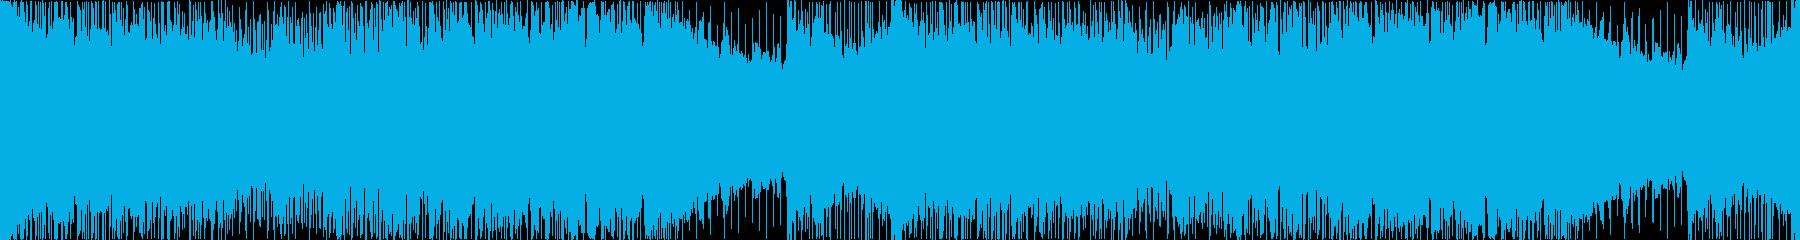 メタルギターリフ 重厚 激しい【ループ】の再生済みの波形